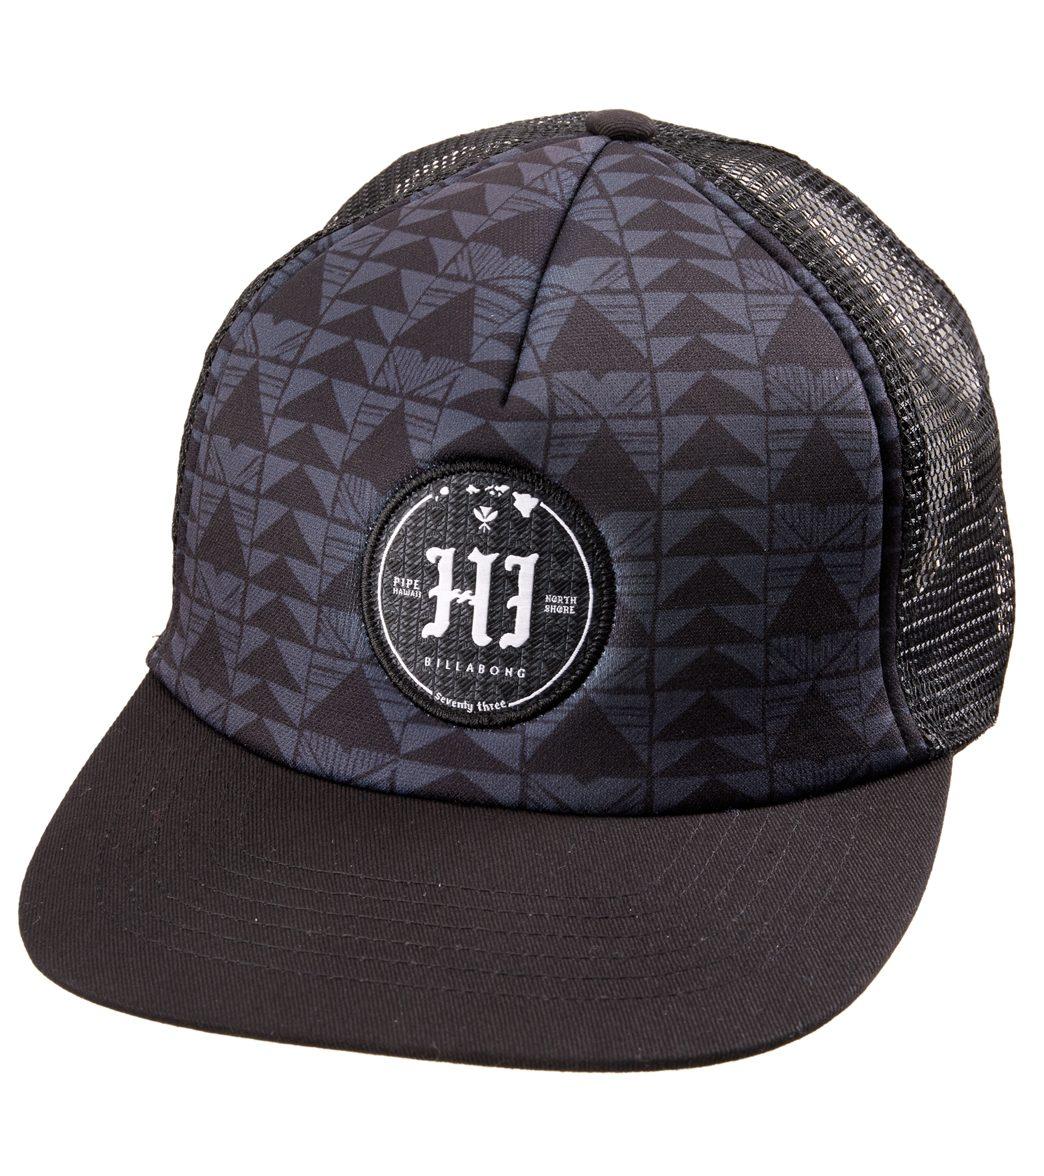 8d8bcc4f0ff Billabong Men s Hi Pipe Trucker Hat at SwimOutlet.com